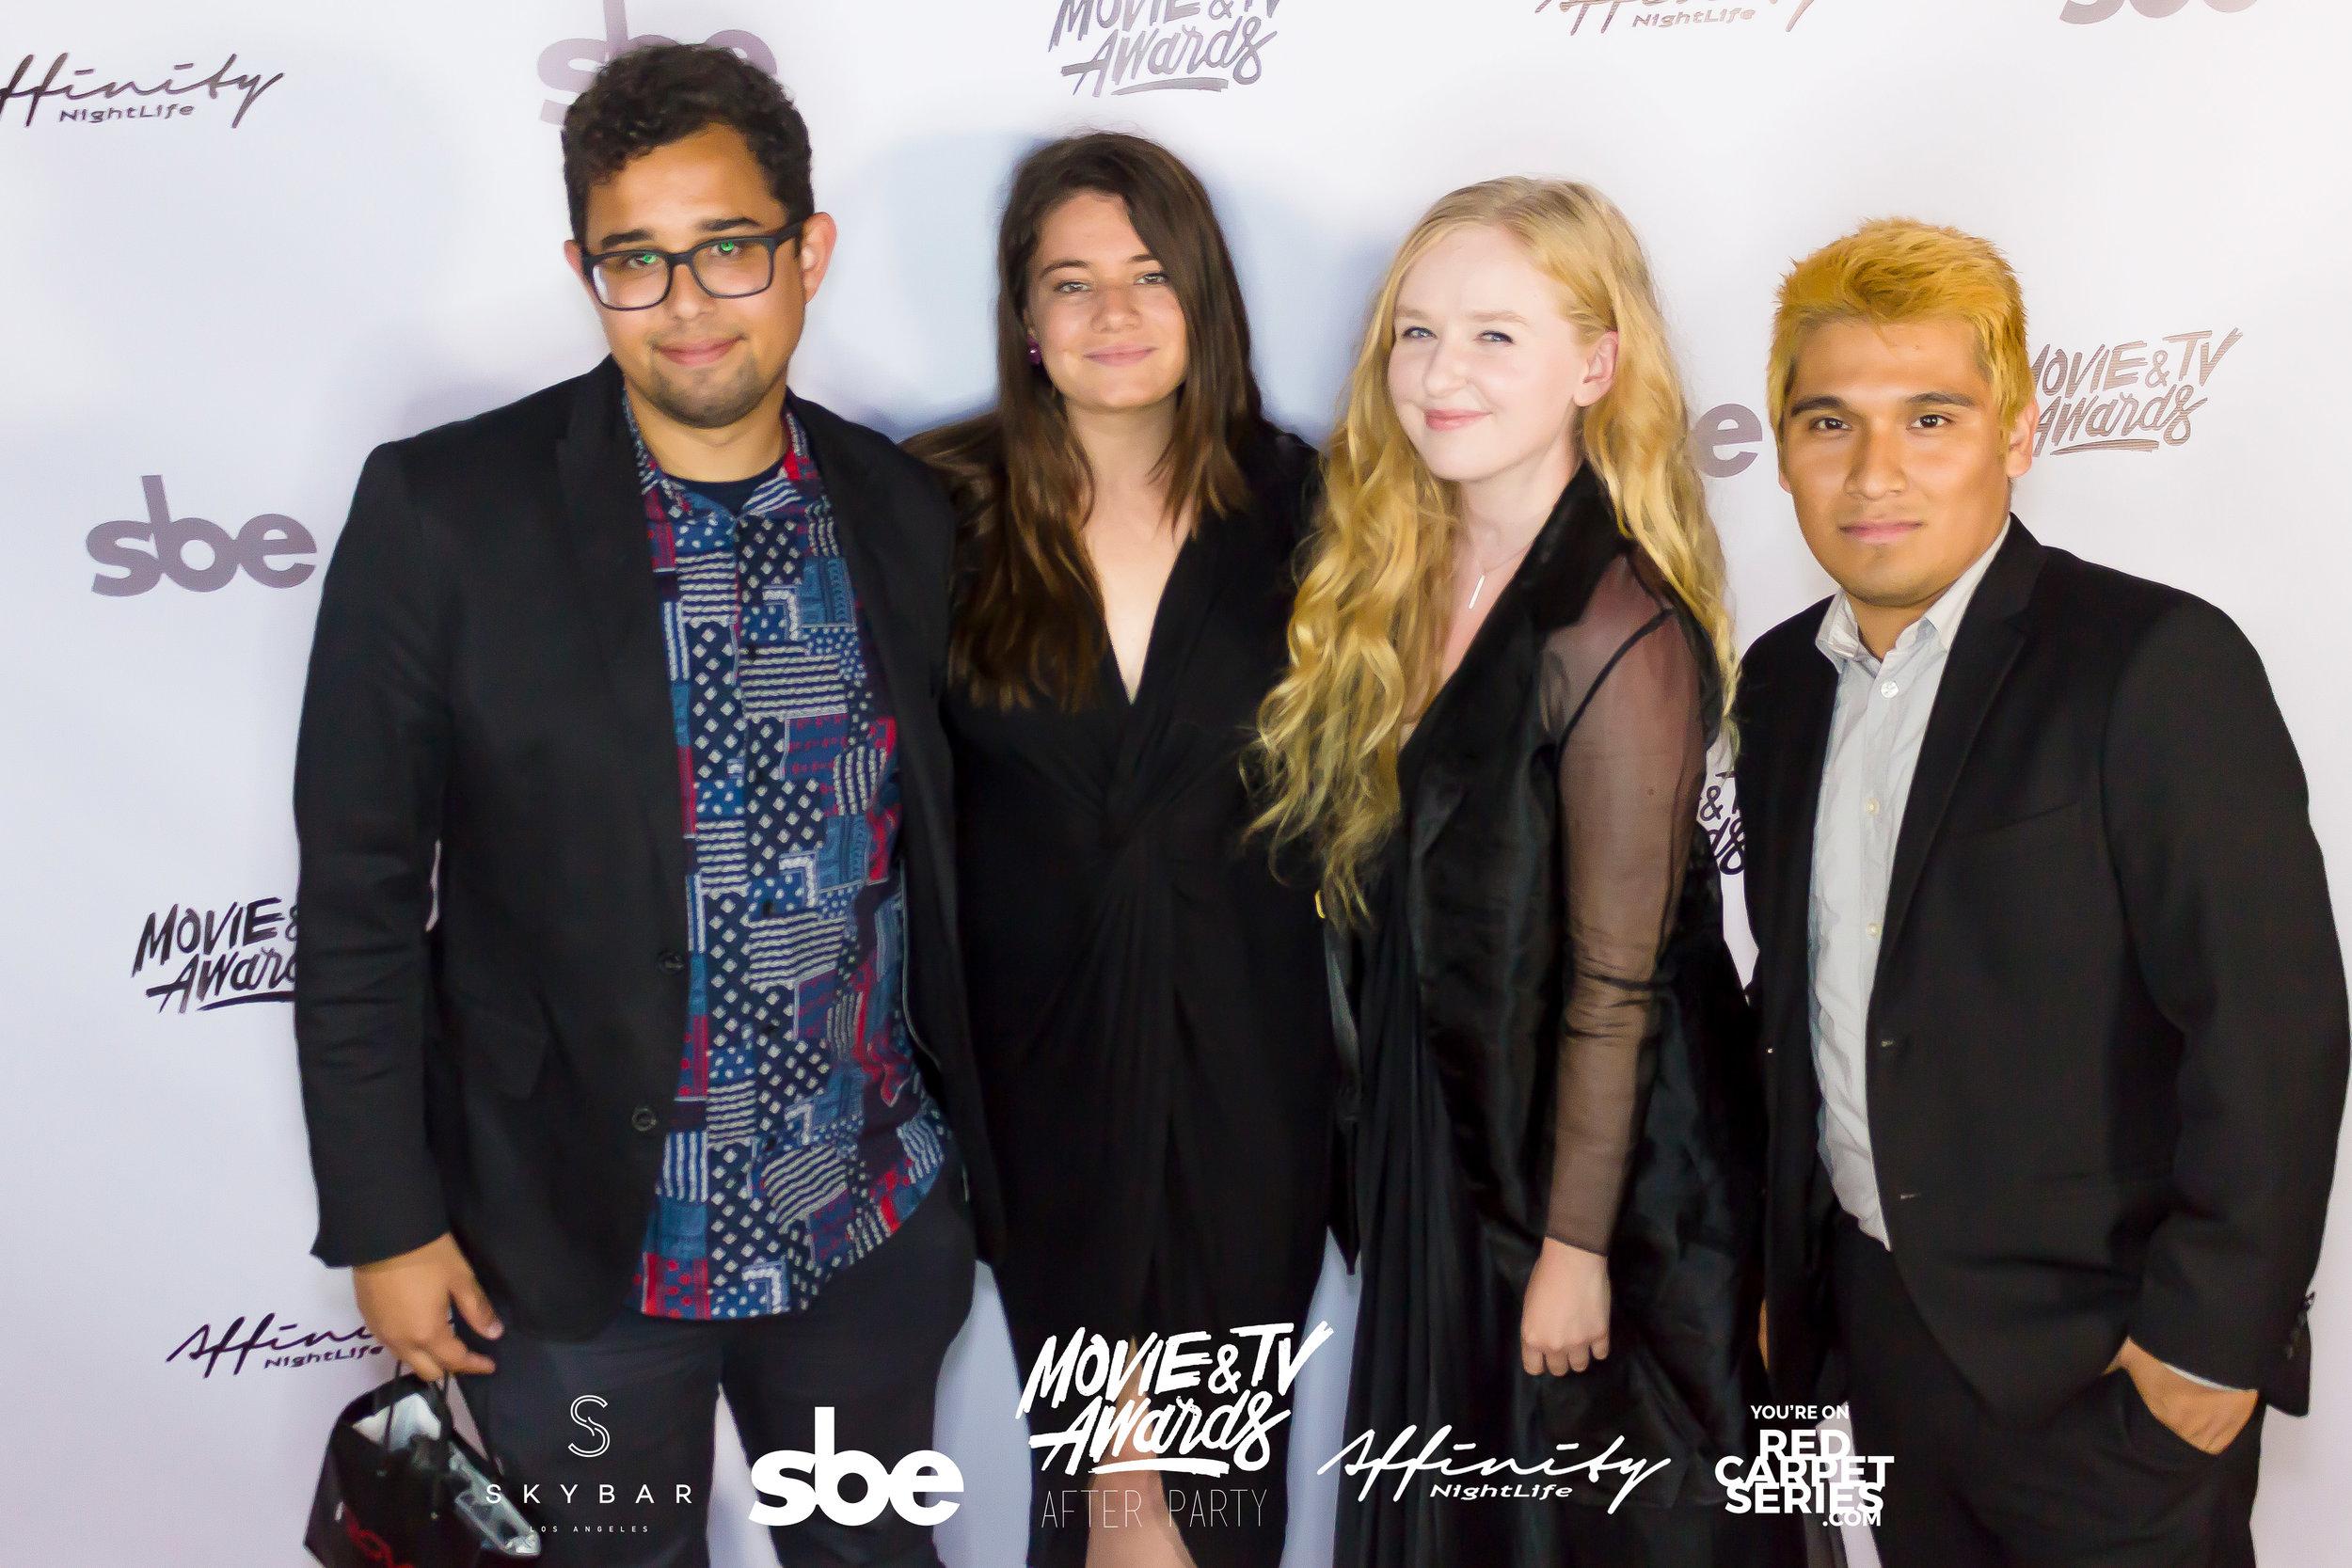 Affinity Nightlife MTV Movie & TV Awards After Party - Skybar at Mondrian - 06-15-19 - Vol. 2_72.jpg